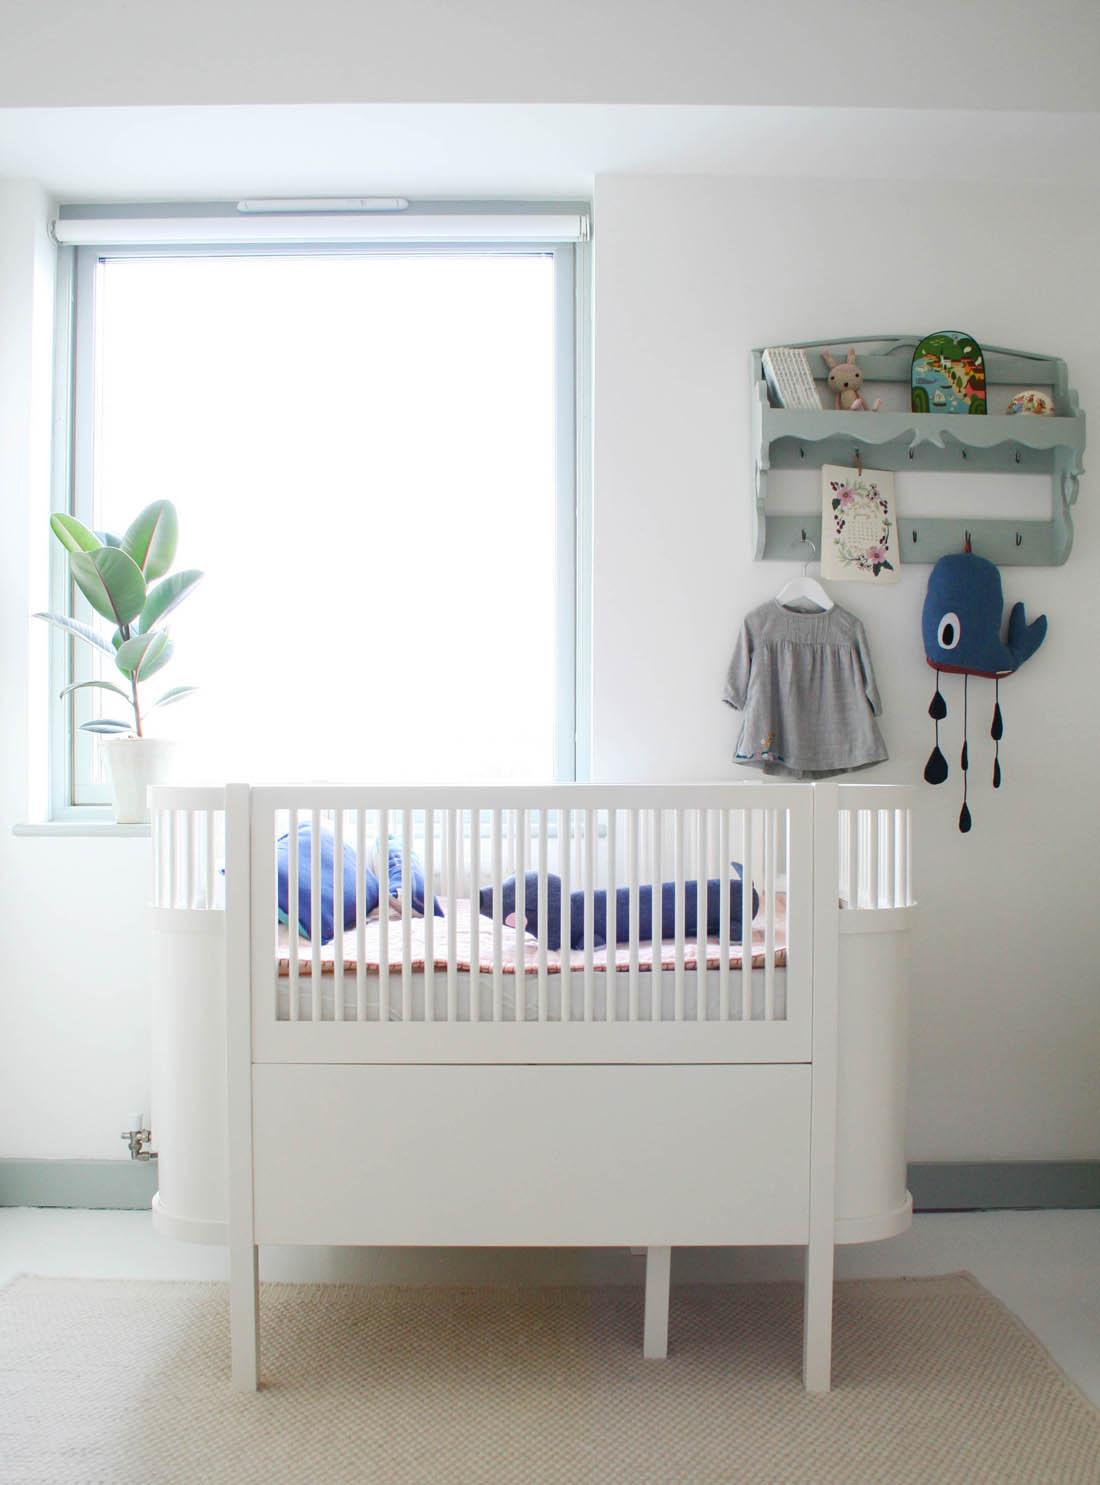 Nursery tour | Sebra kili cot | Apartment Apothecary